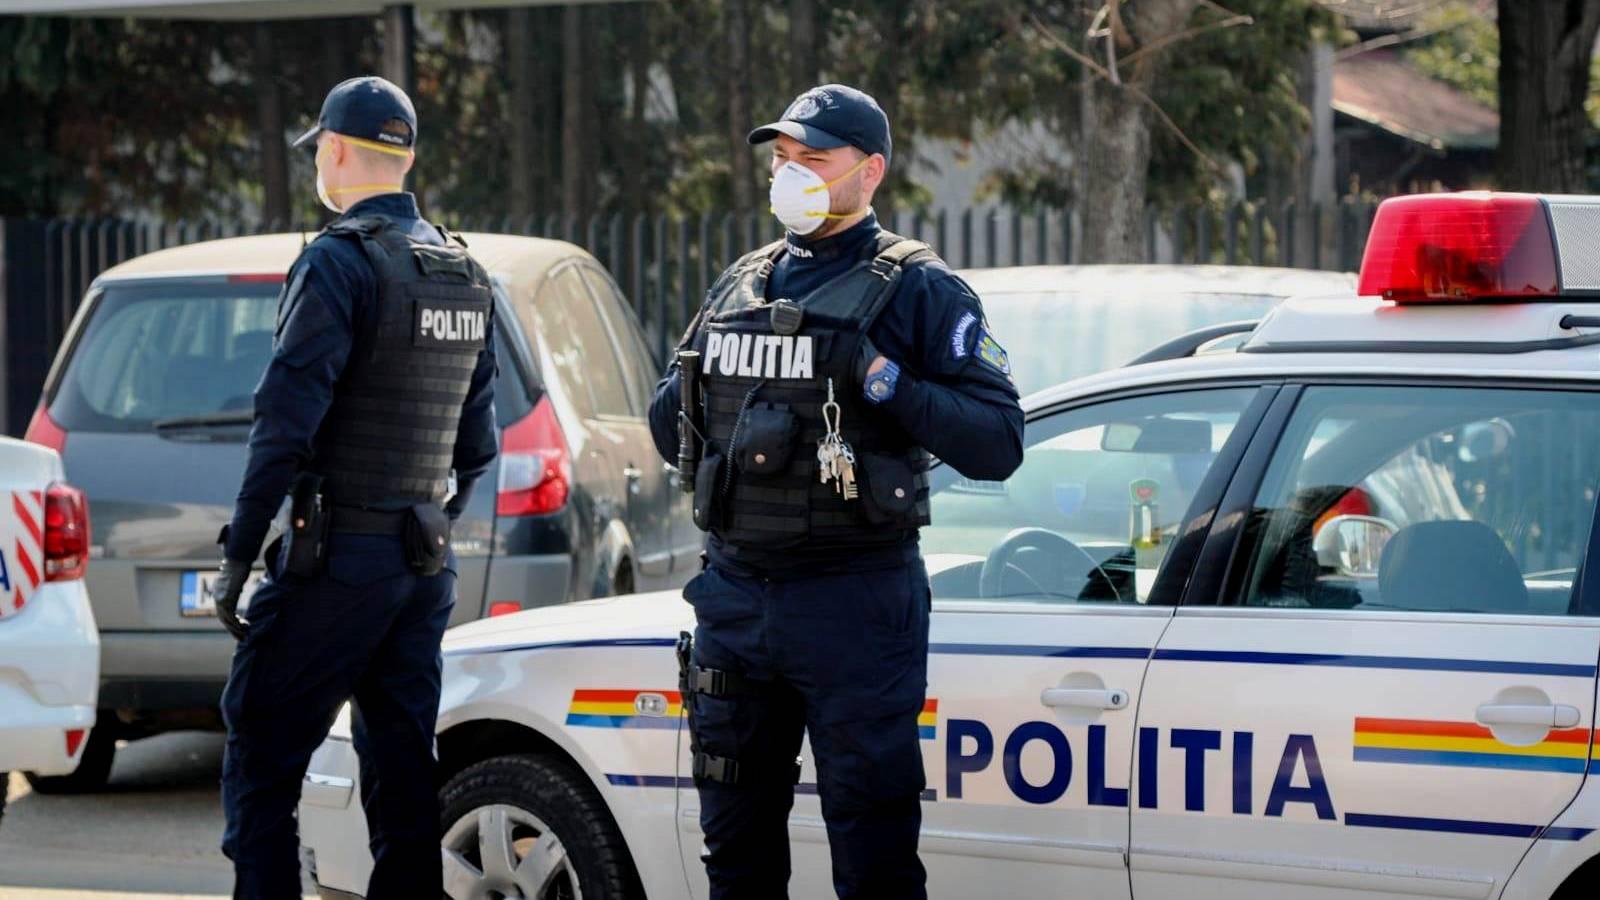 Politia Romana deplasari varstnici